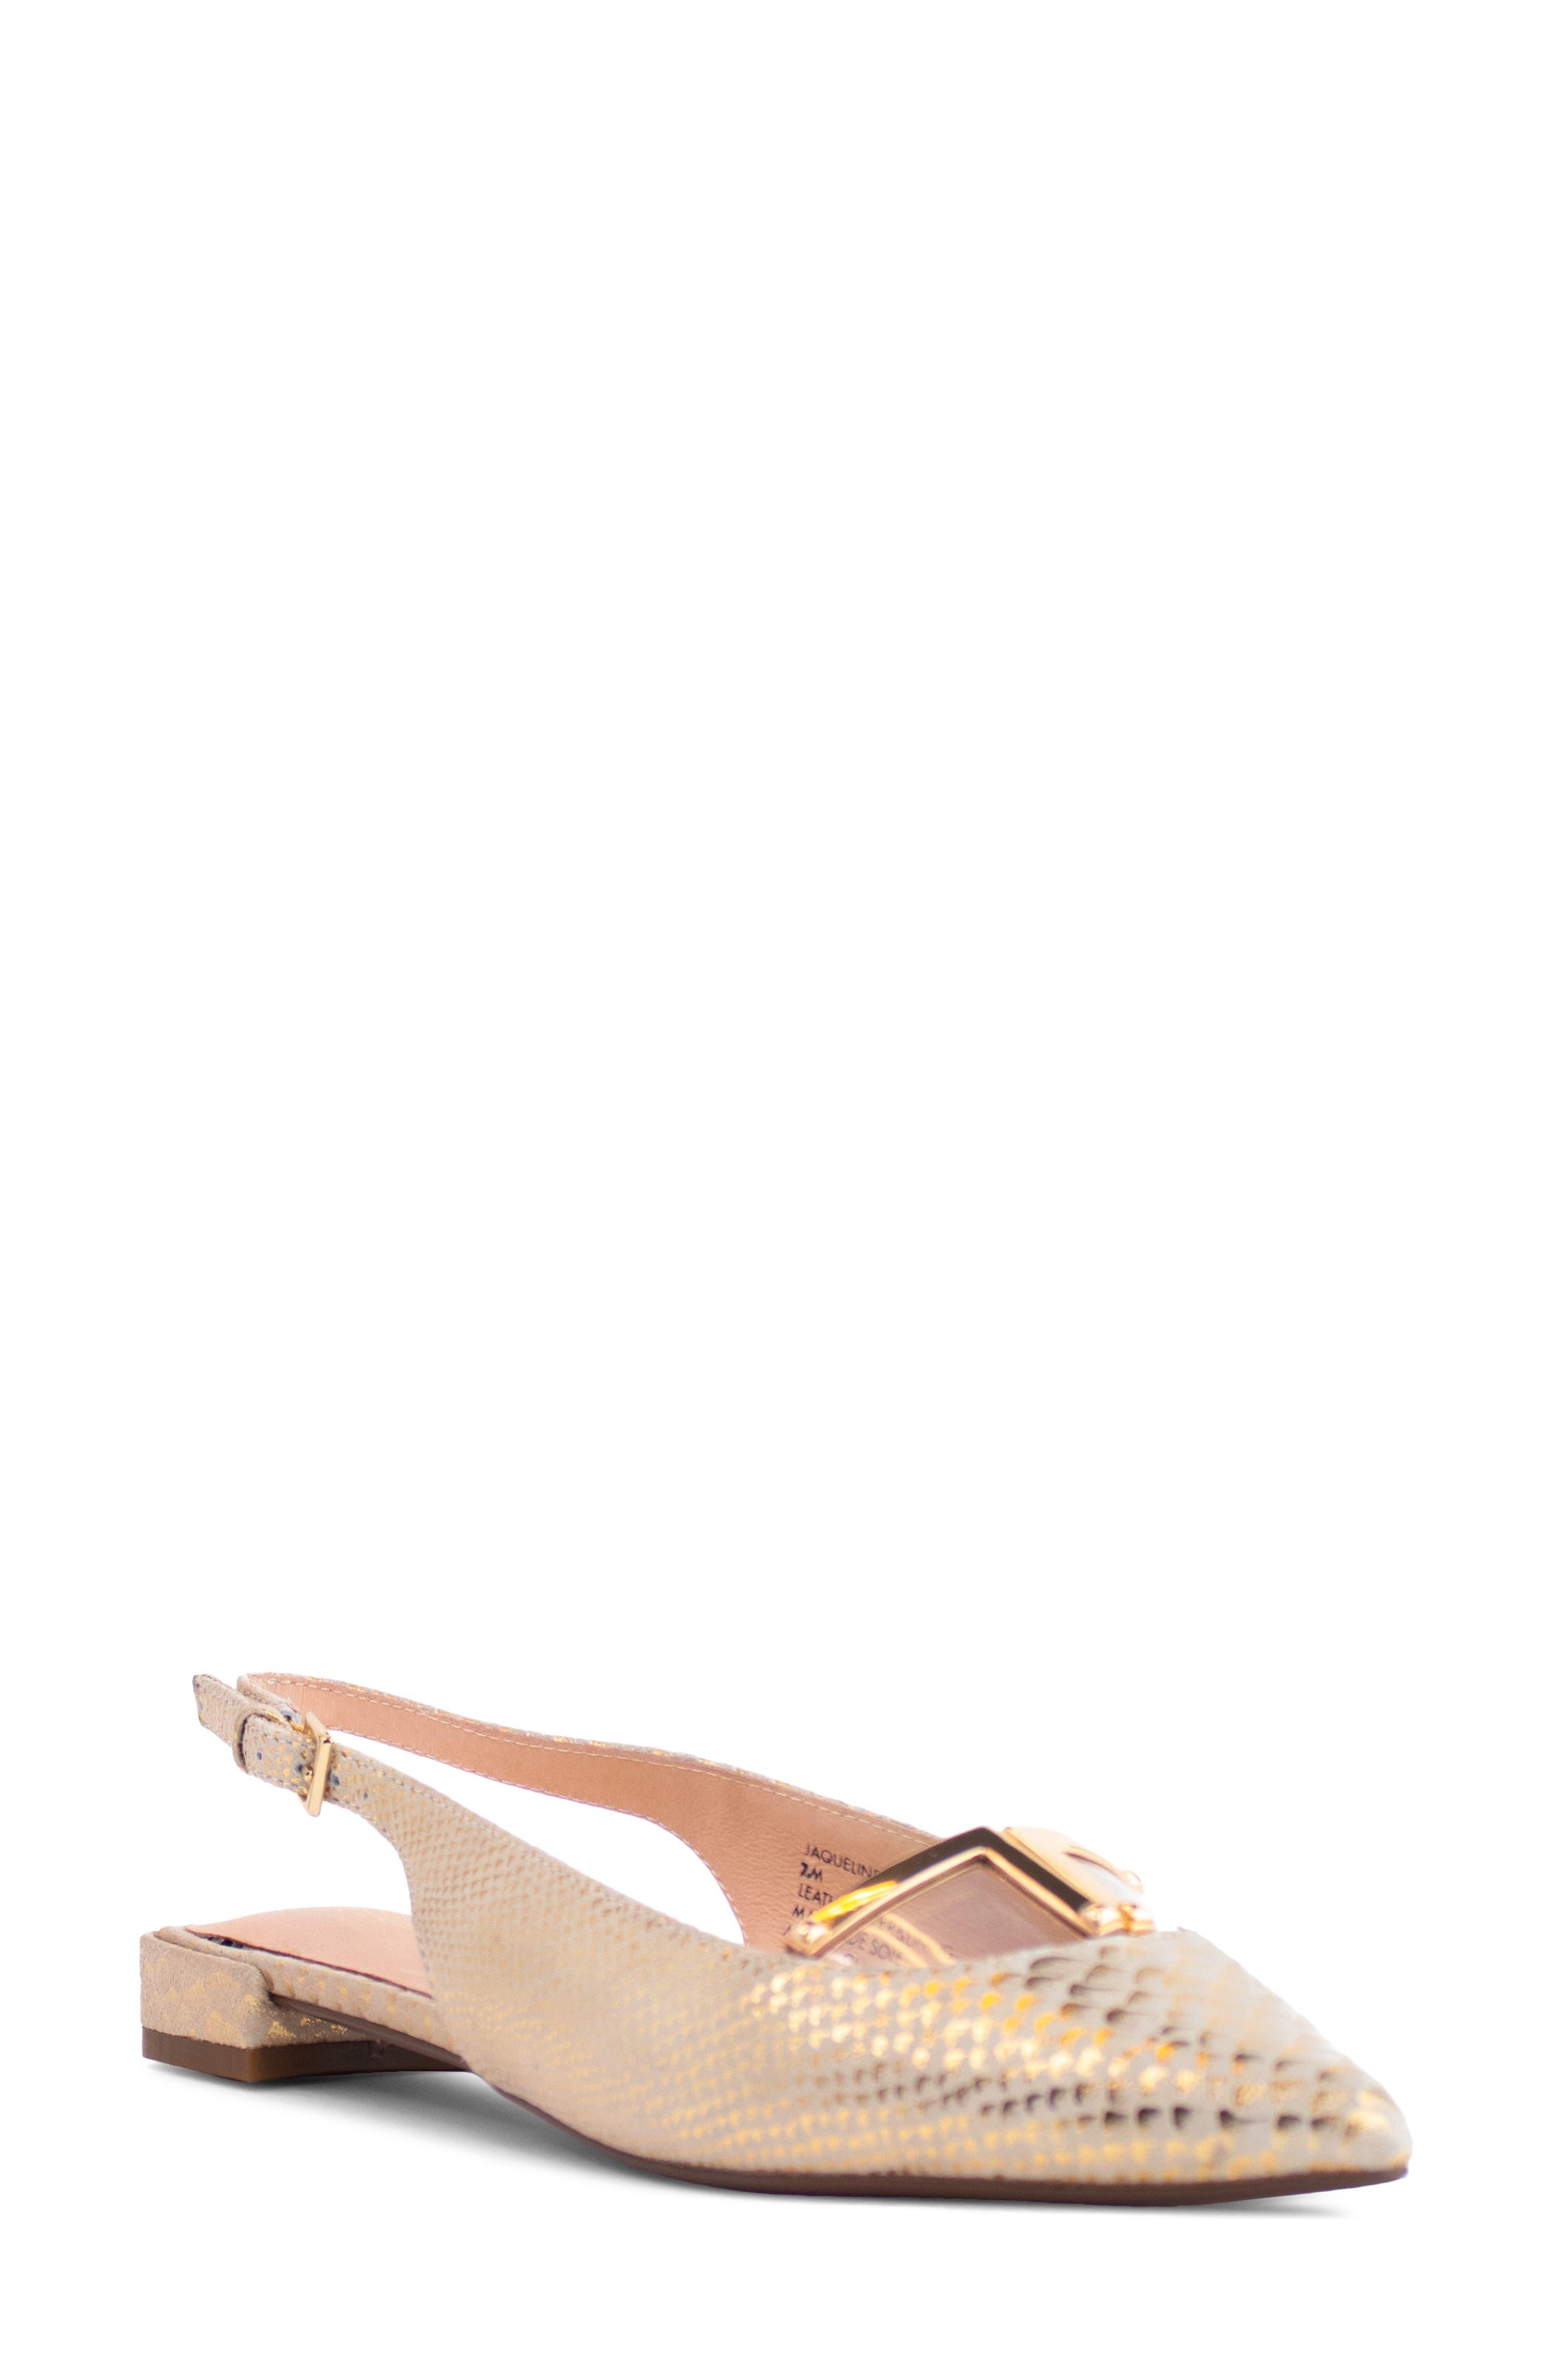 Jacqueline Slingback Pointed Toe Flat